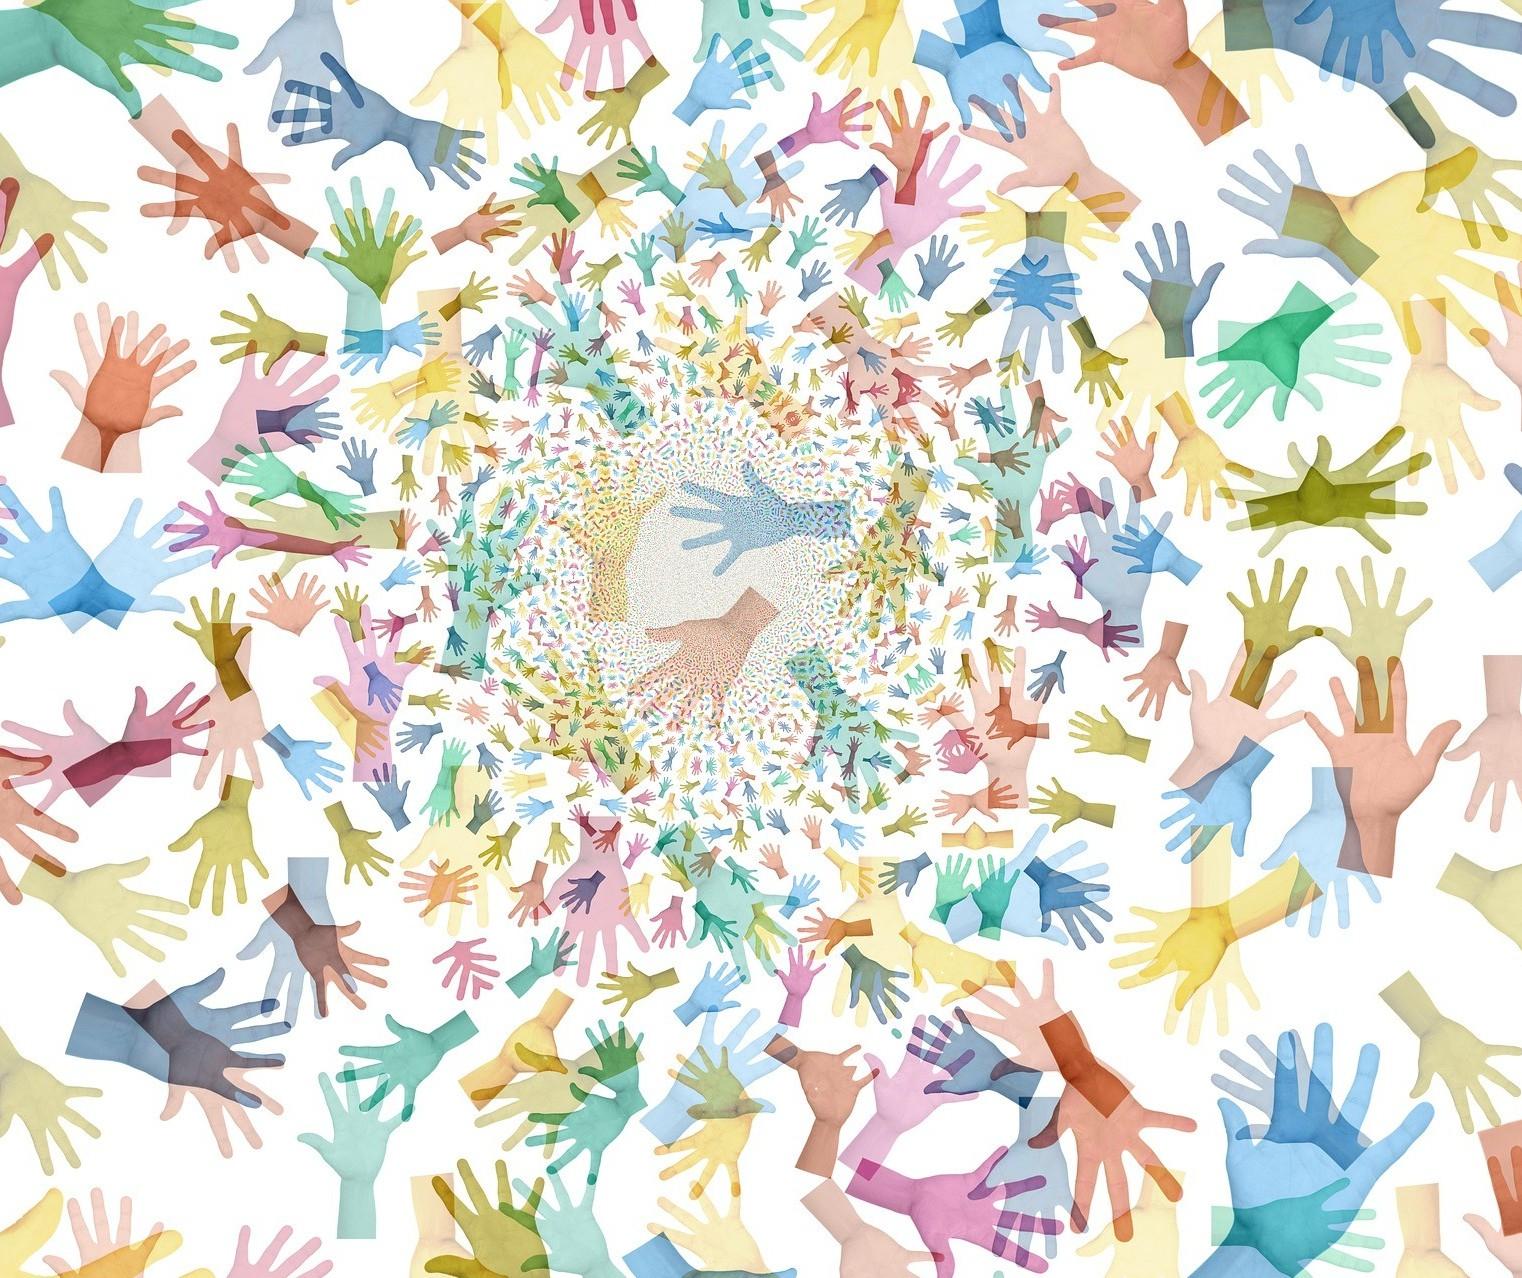 Solidariedade contamina e este vírus é a esperança